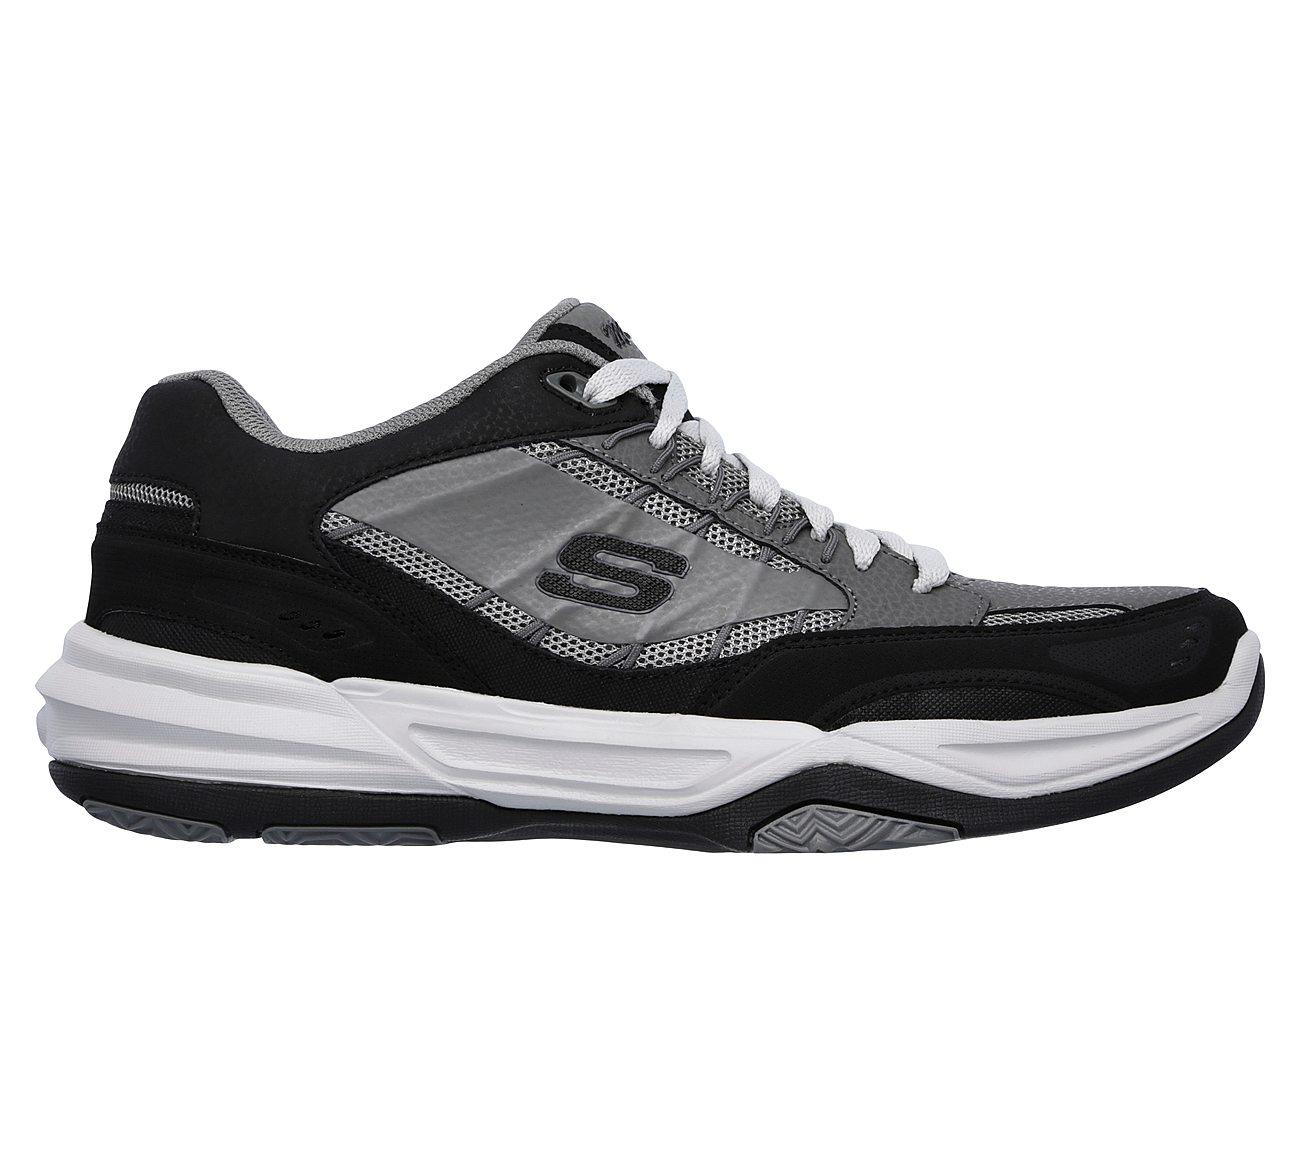 089279f5 Buy SKECHERS Monaco TR Sport Shoes only $46.00